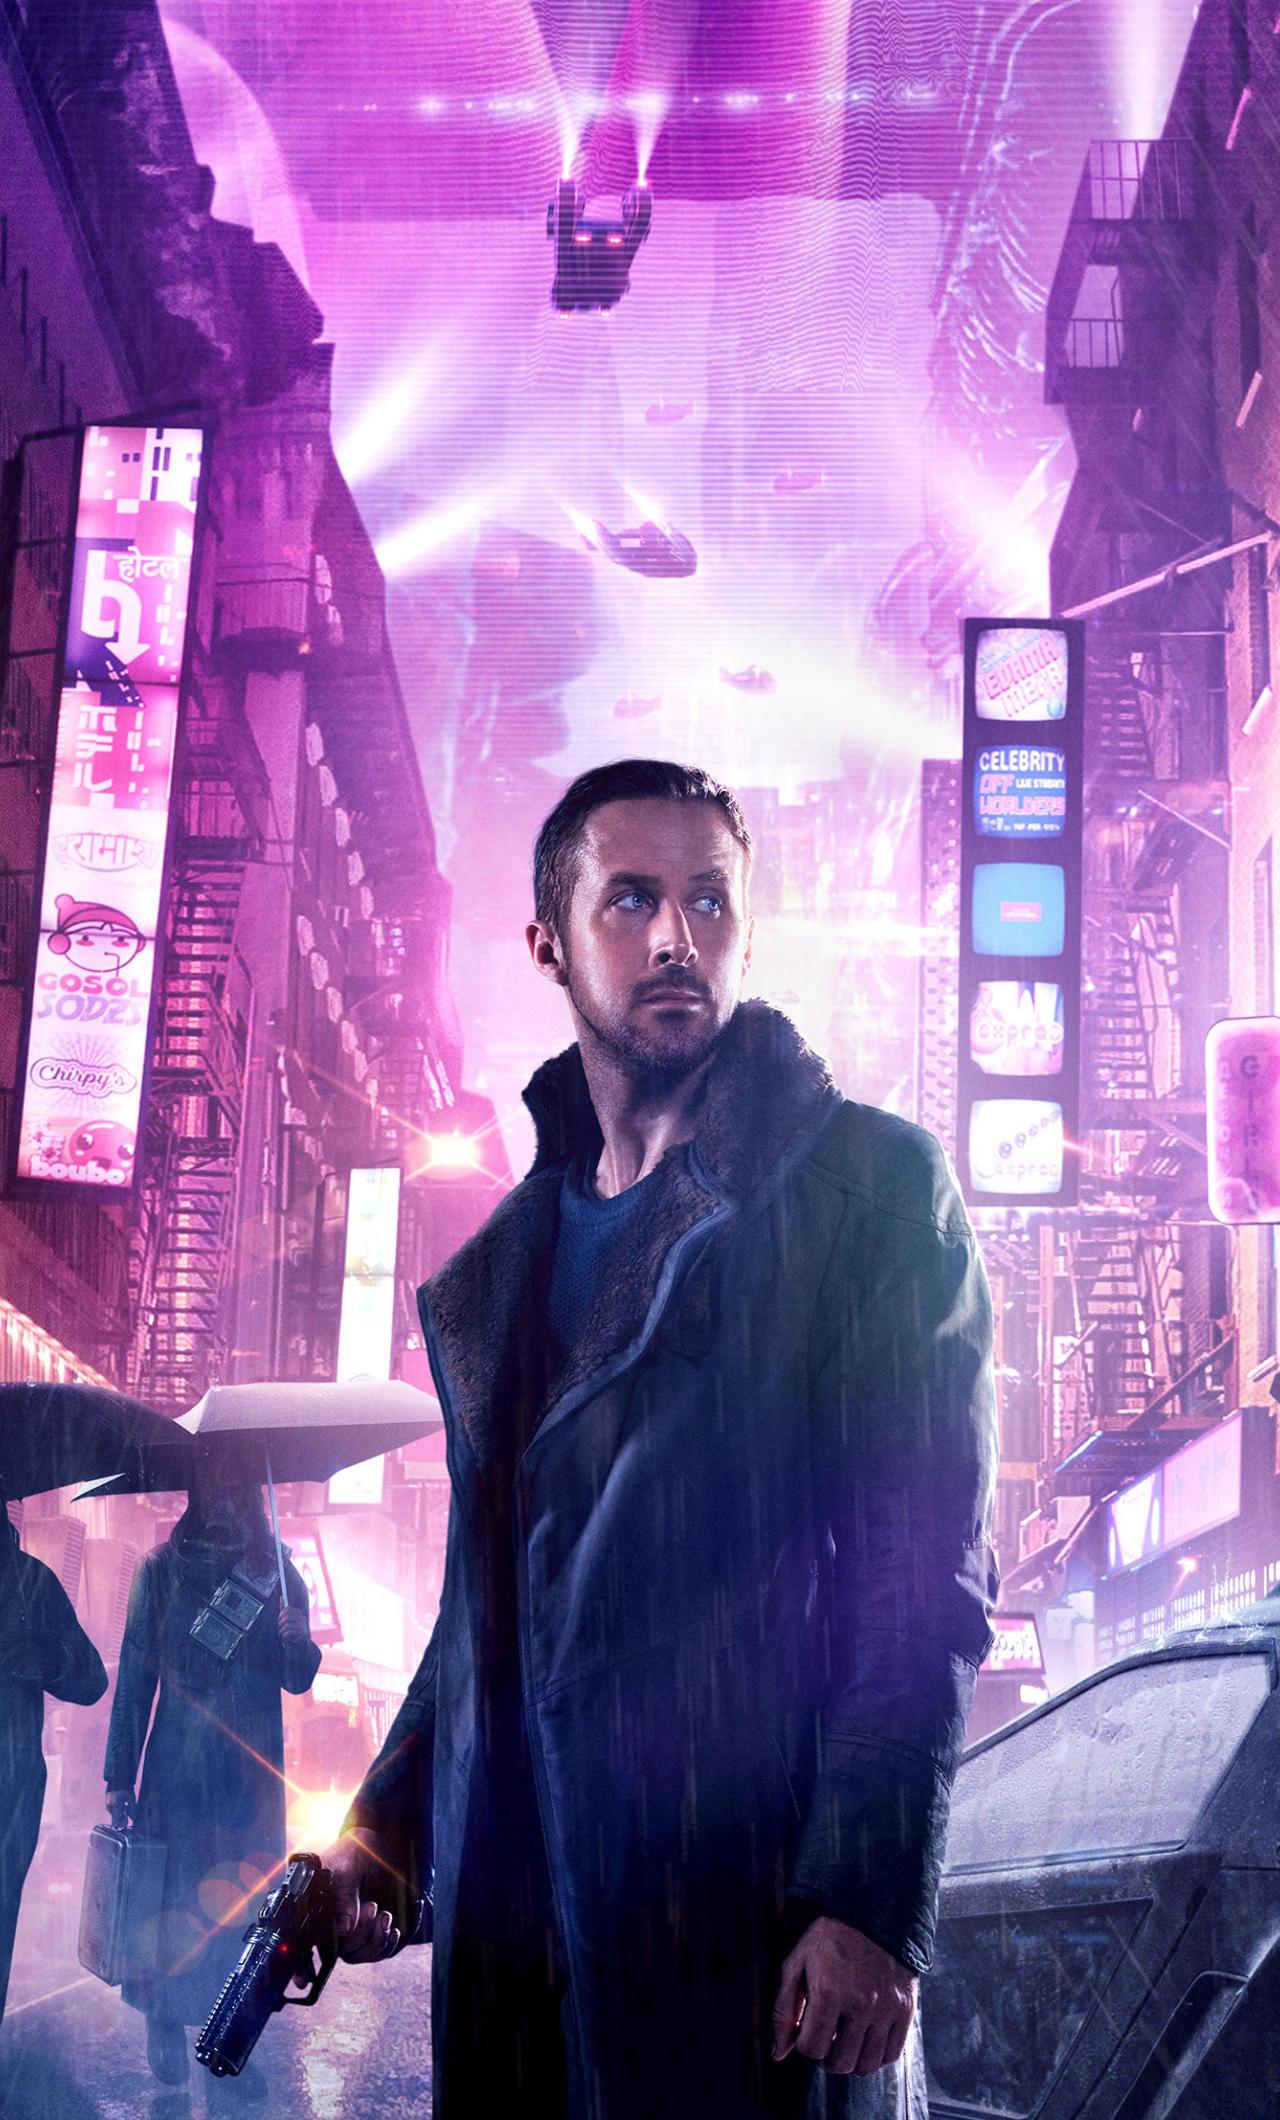 Blade Runner 2049 Movie Hd 4k Wallpaper